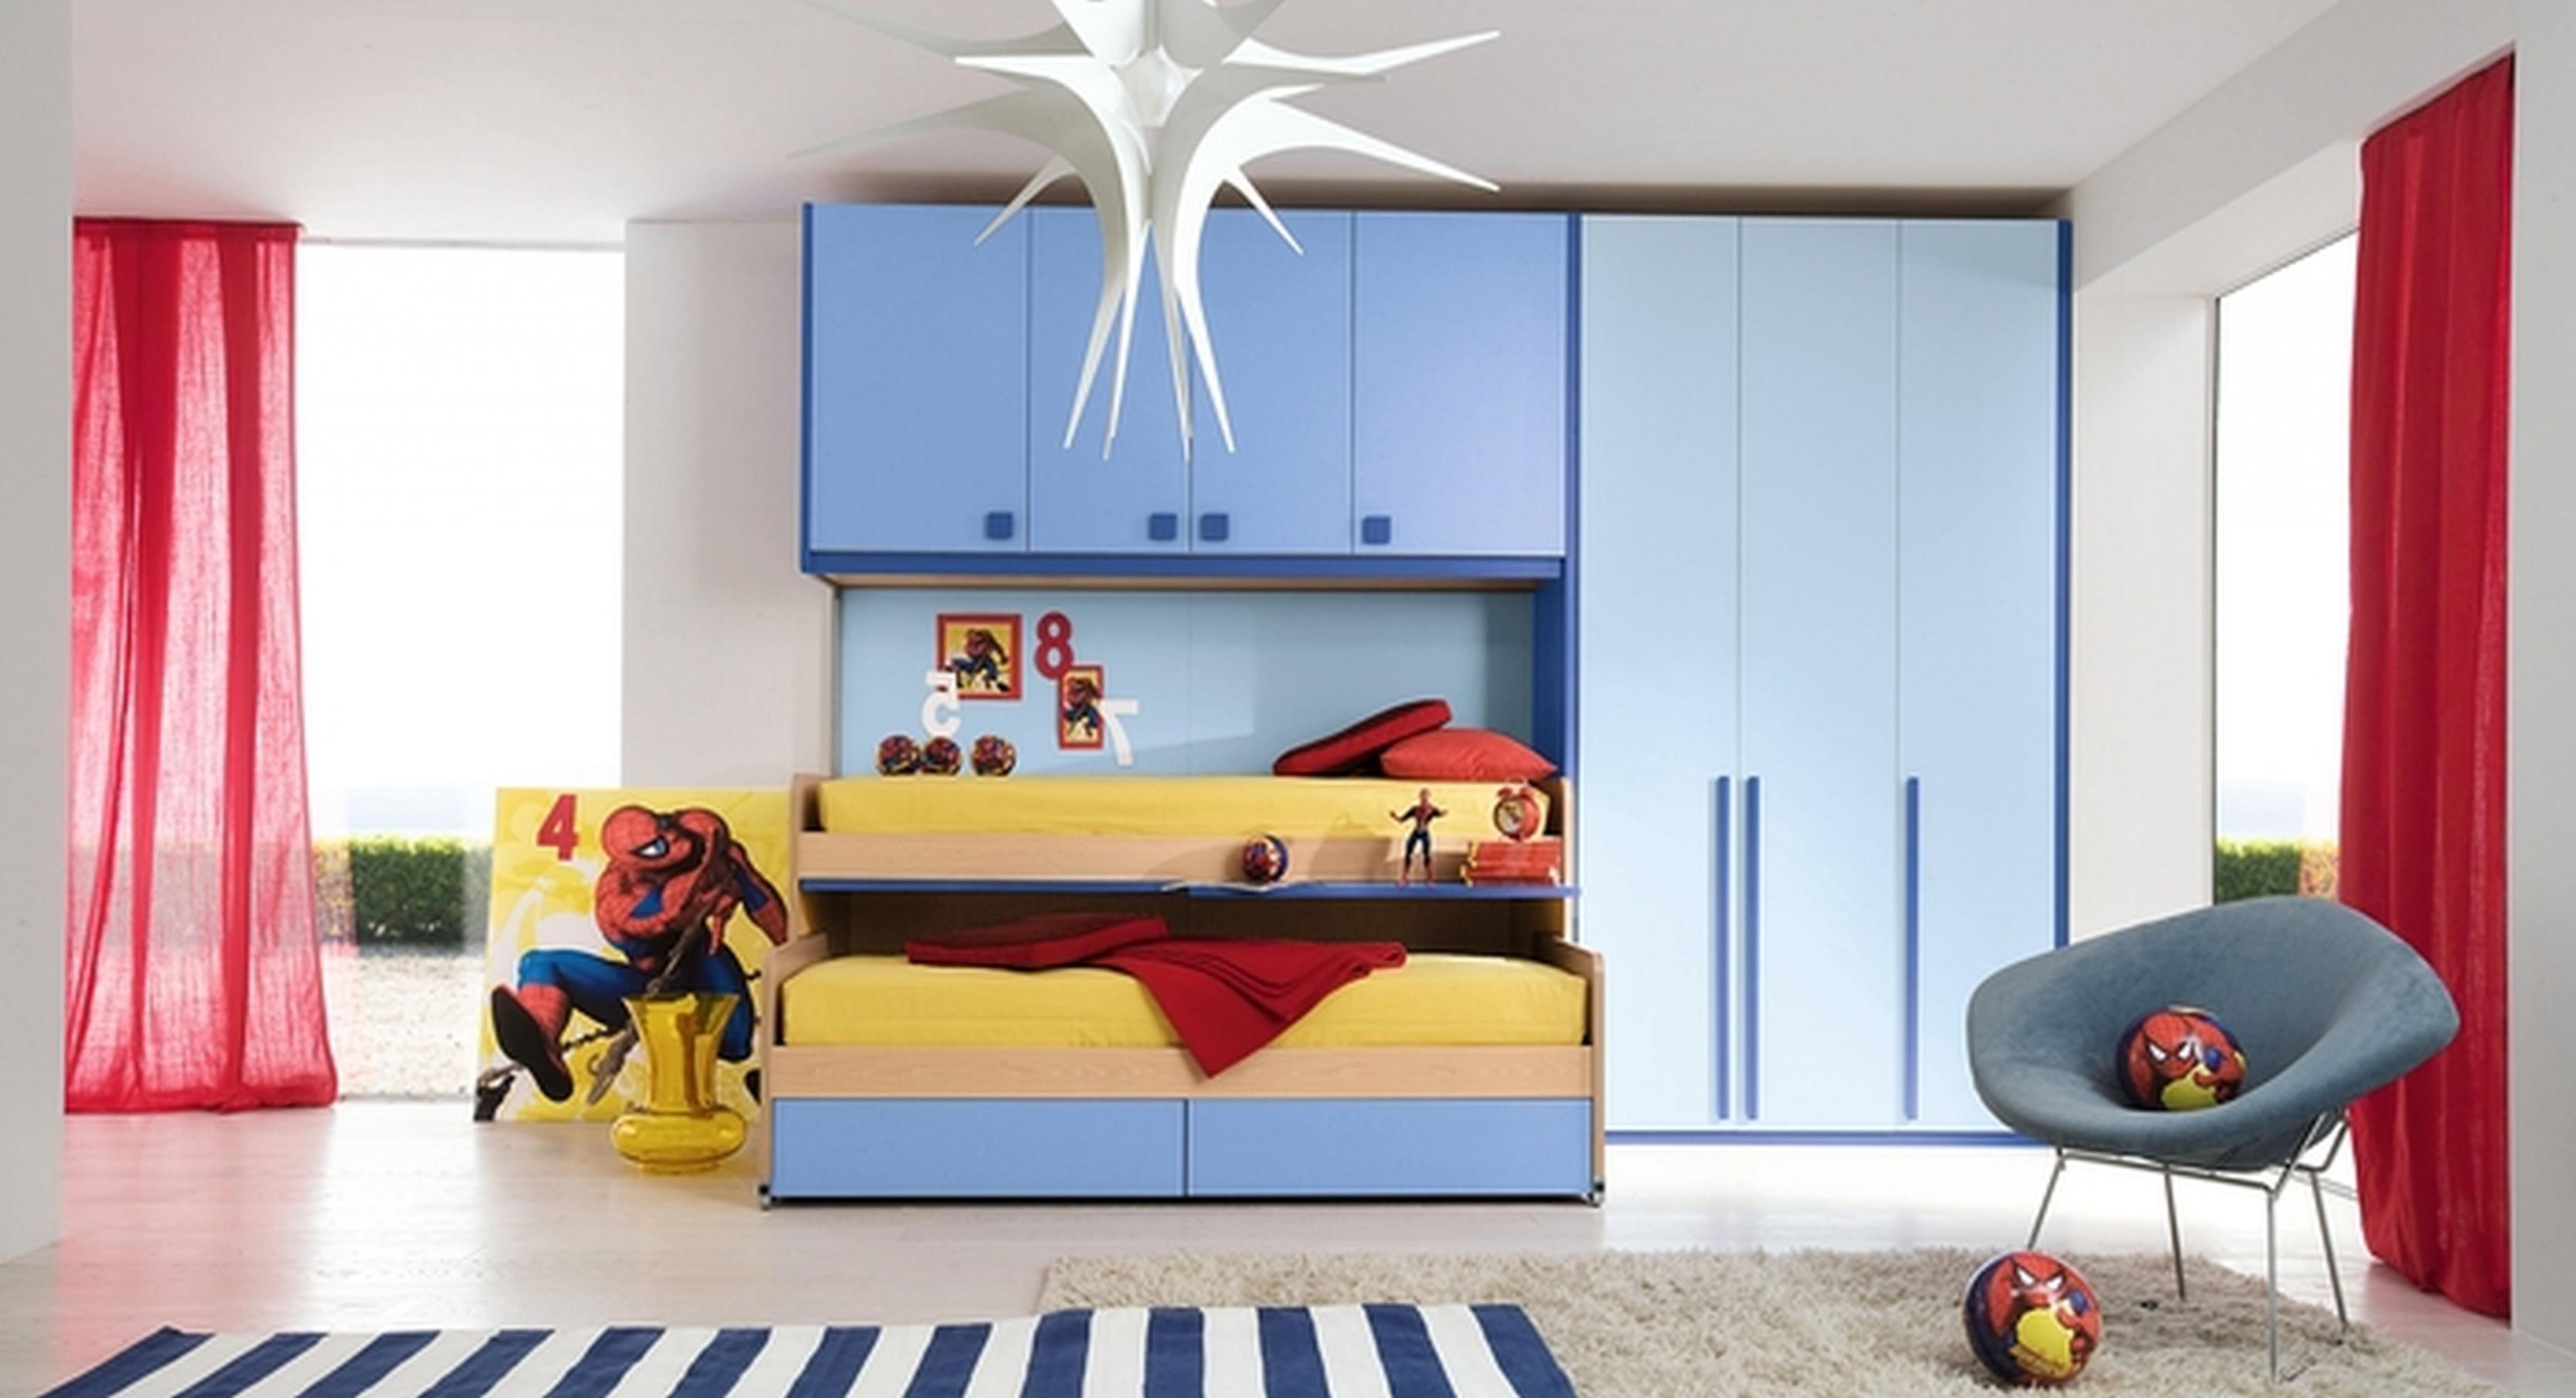 بالصور غرف اولاد , تصميمات غرف اولادك الرائعه 5841